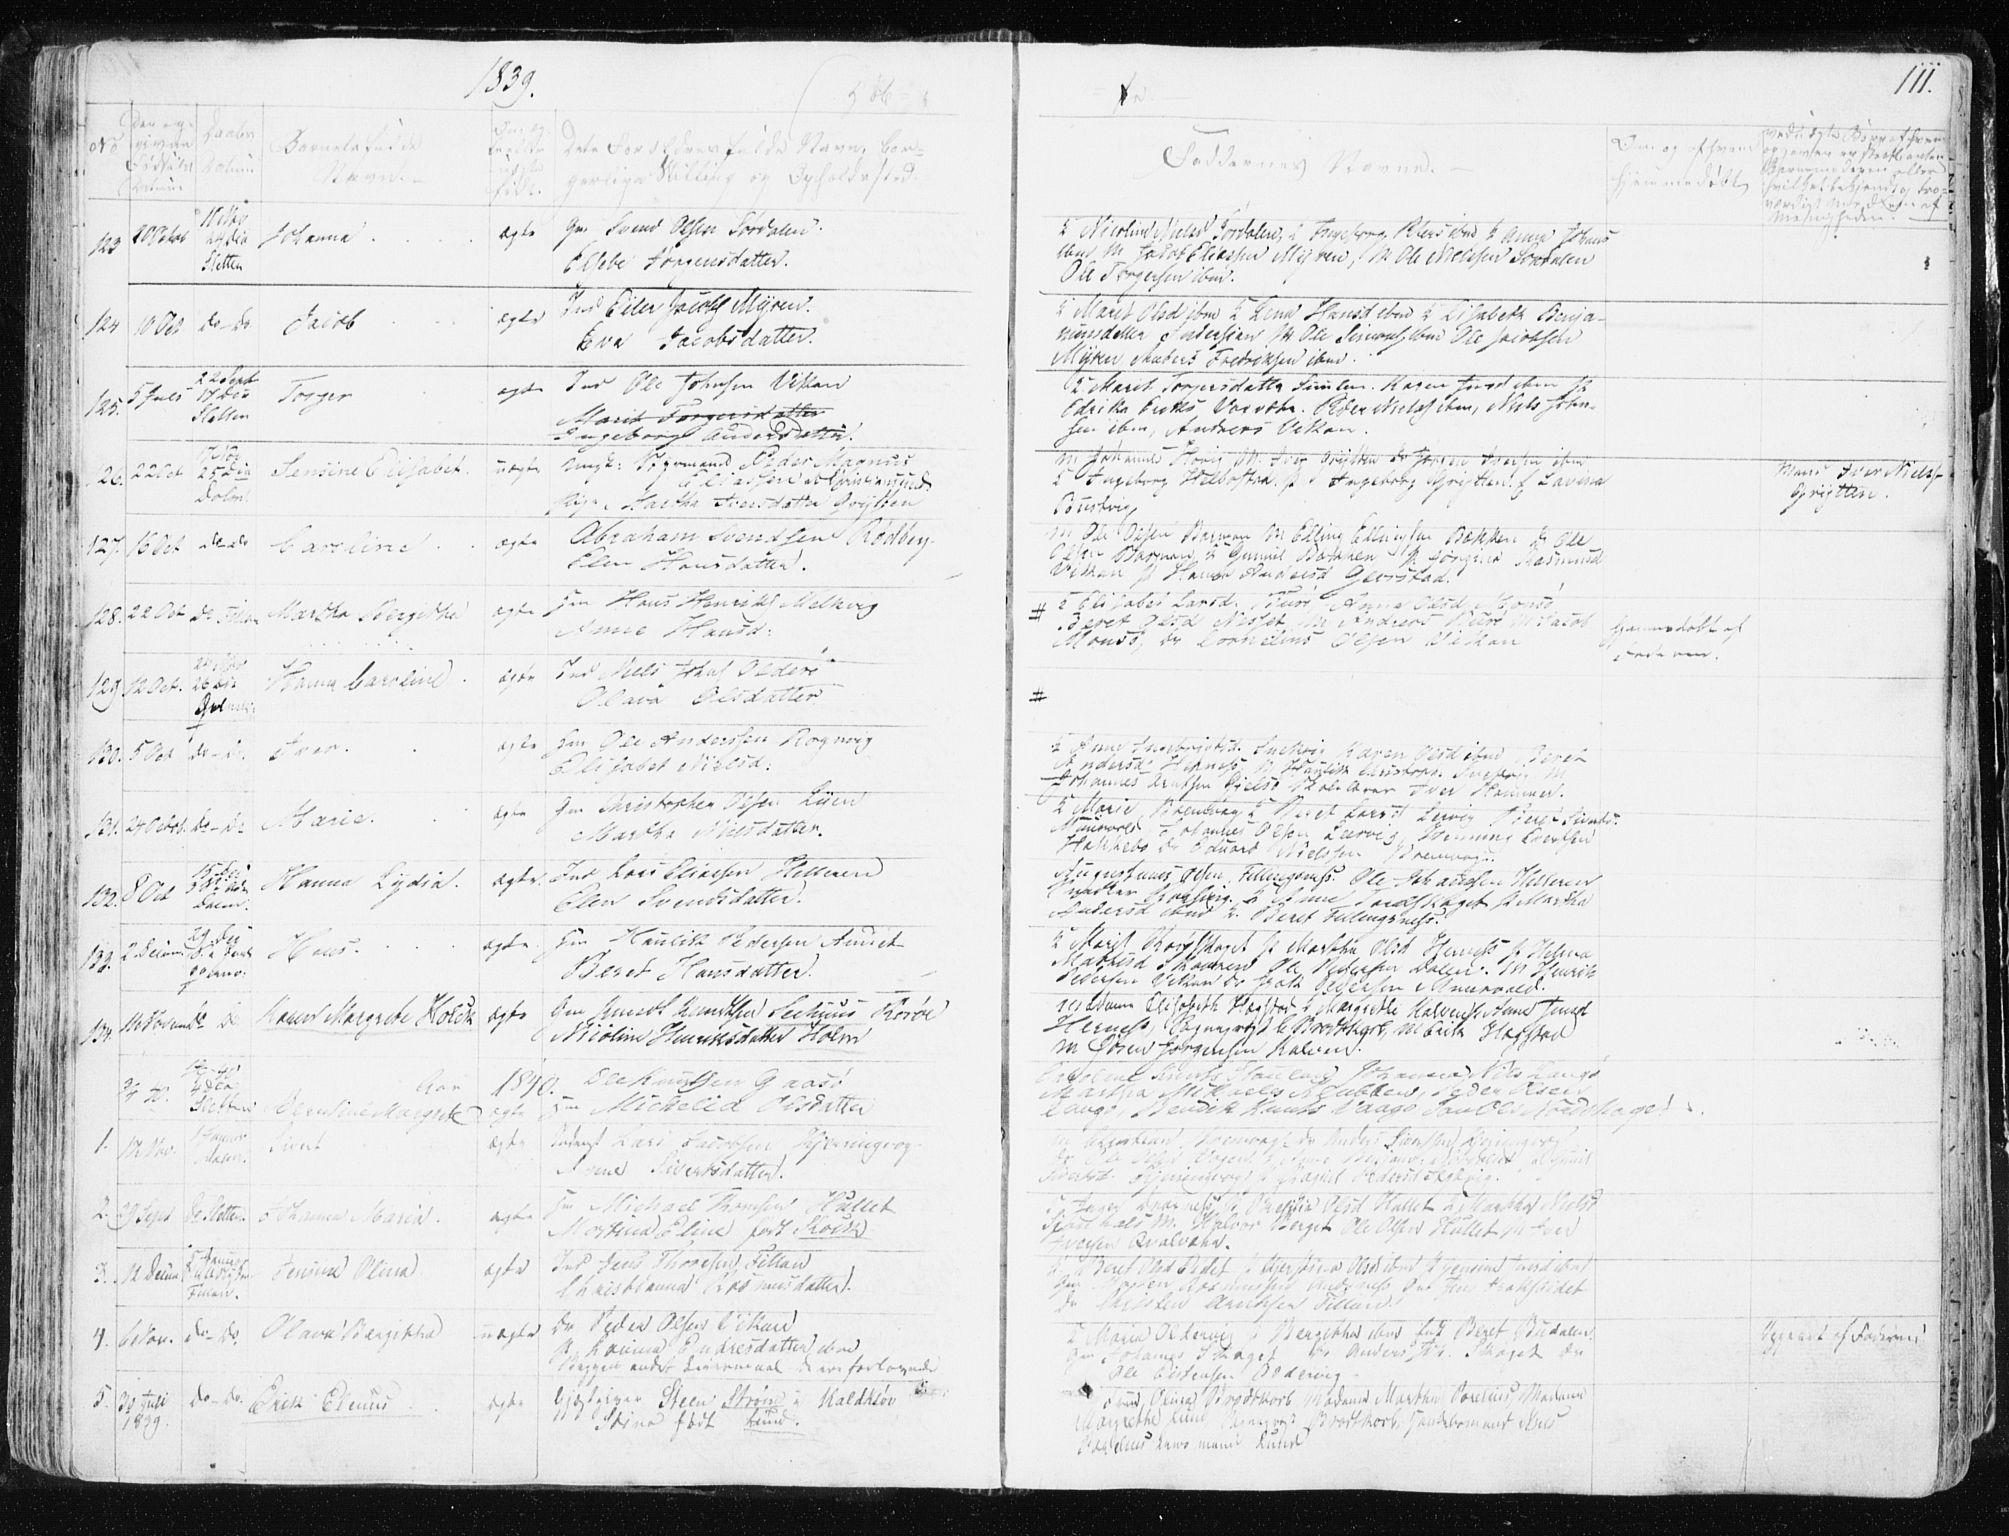 SAT, Ministerialprotokoller, klokkerbøker og fødselsregistre - Sør-Trøndelag, 634/L0528: Ministerialbok nr. 634A04, 1827-1842, s. 111